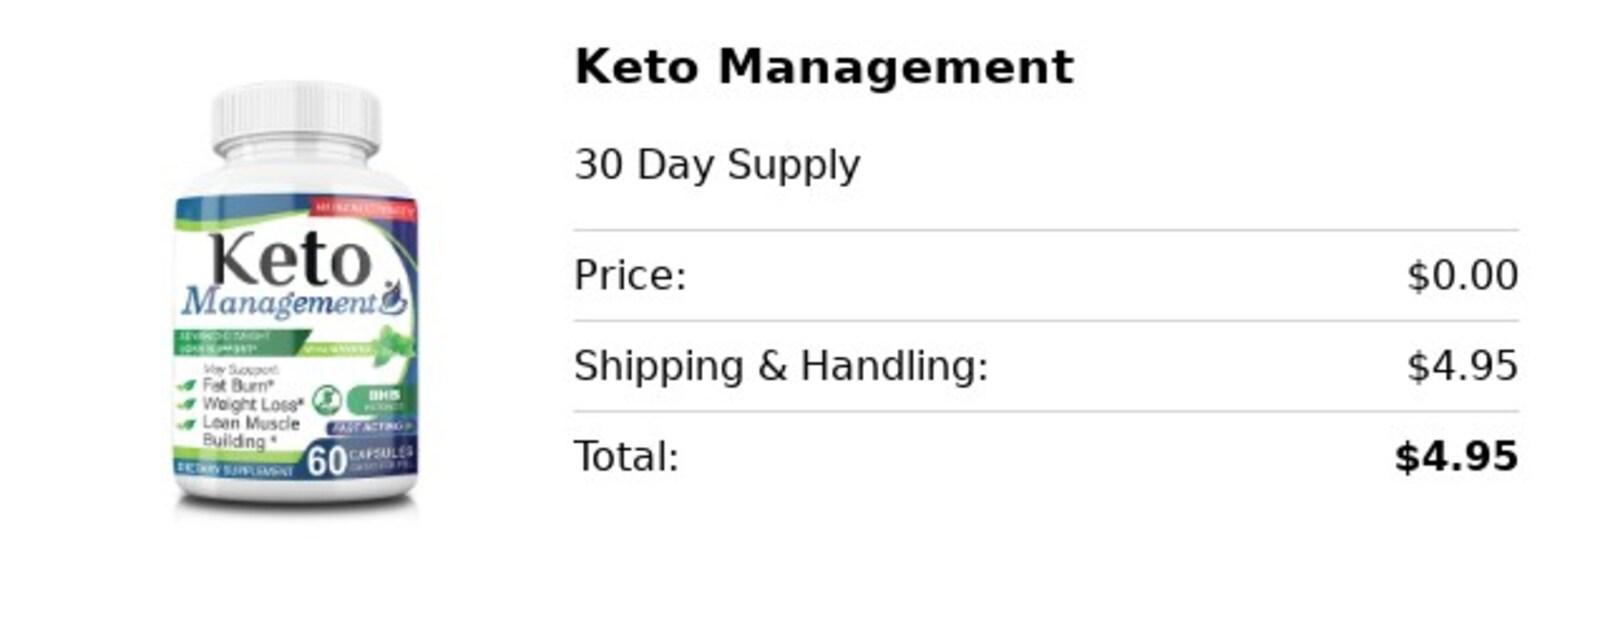 Keto Management Reviews